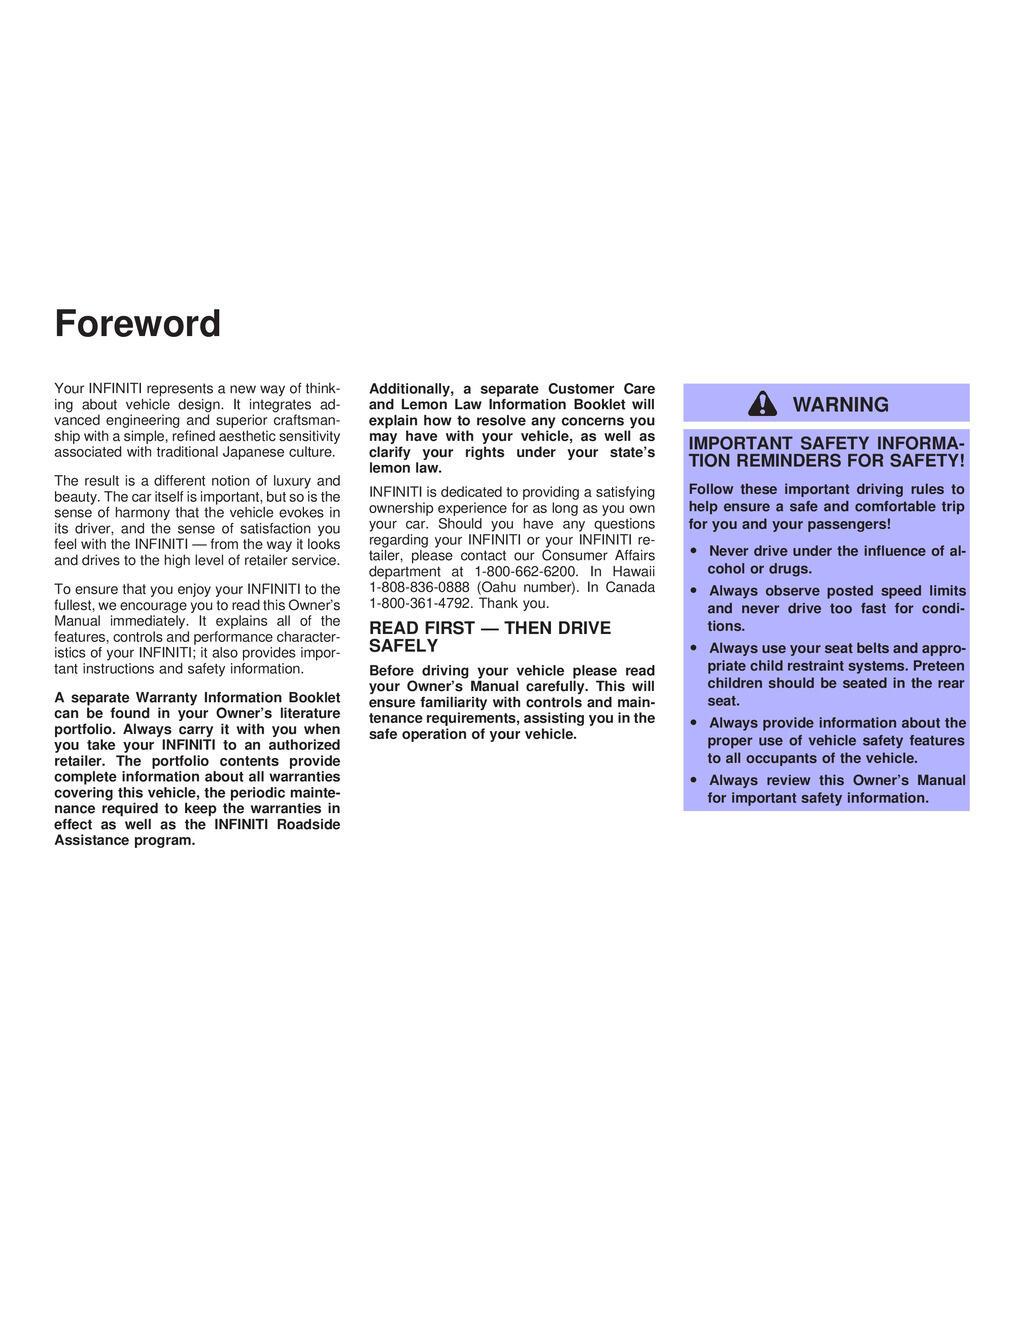 2003 Infiniti G35 owners manual